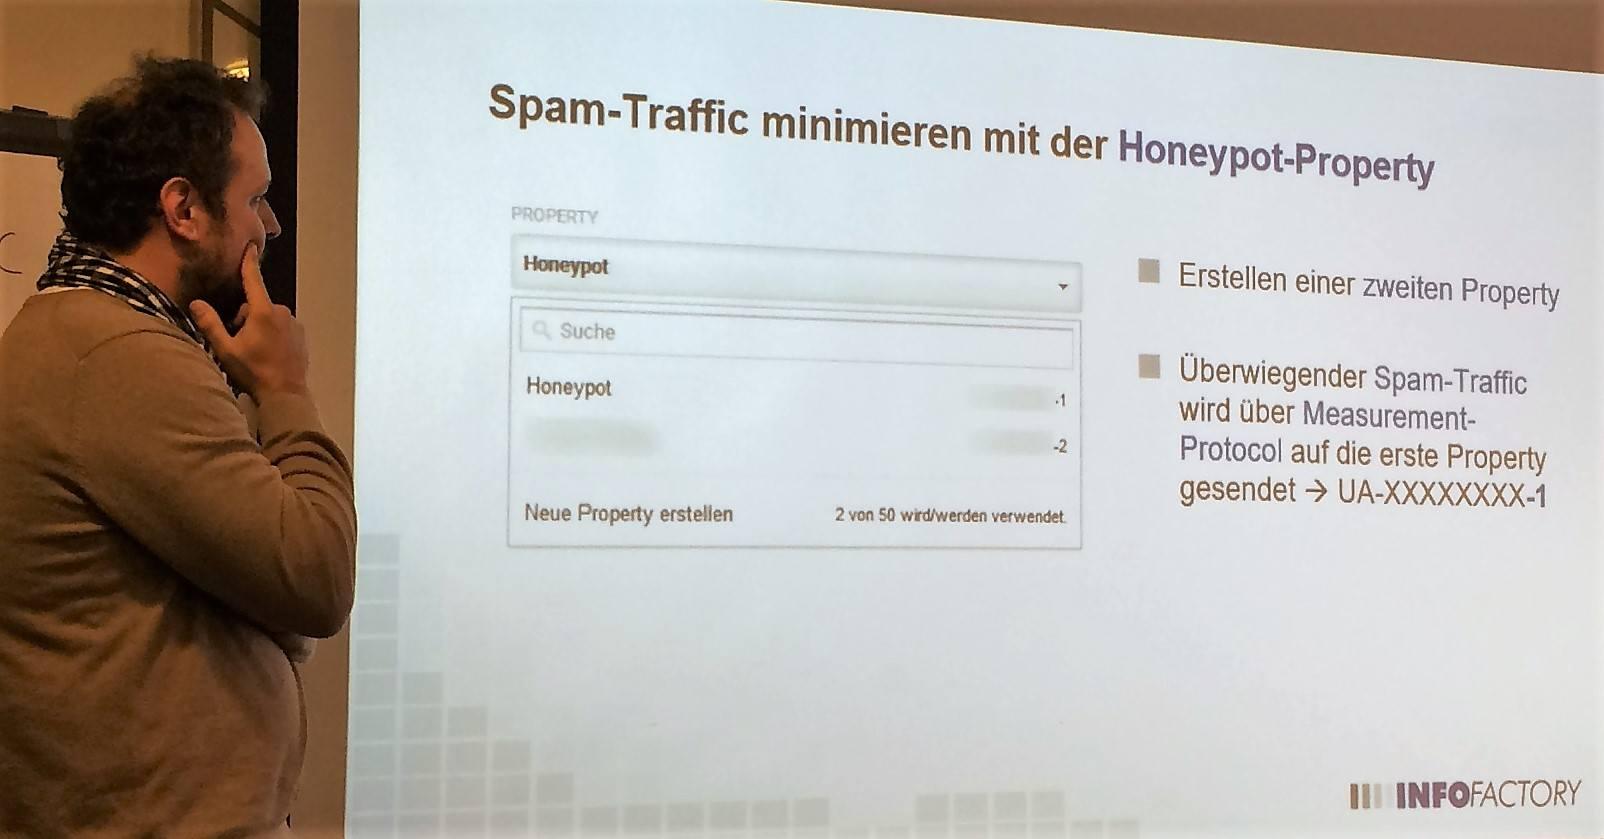 Honeypot-Property für Spam-Traffic Reduktion